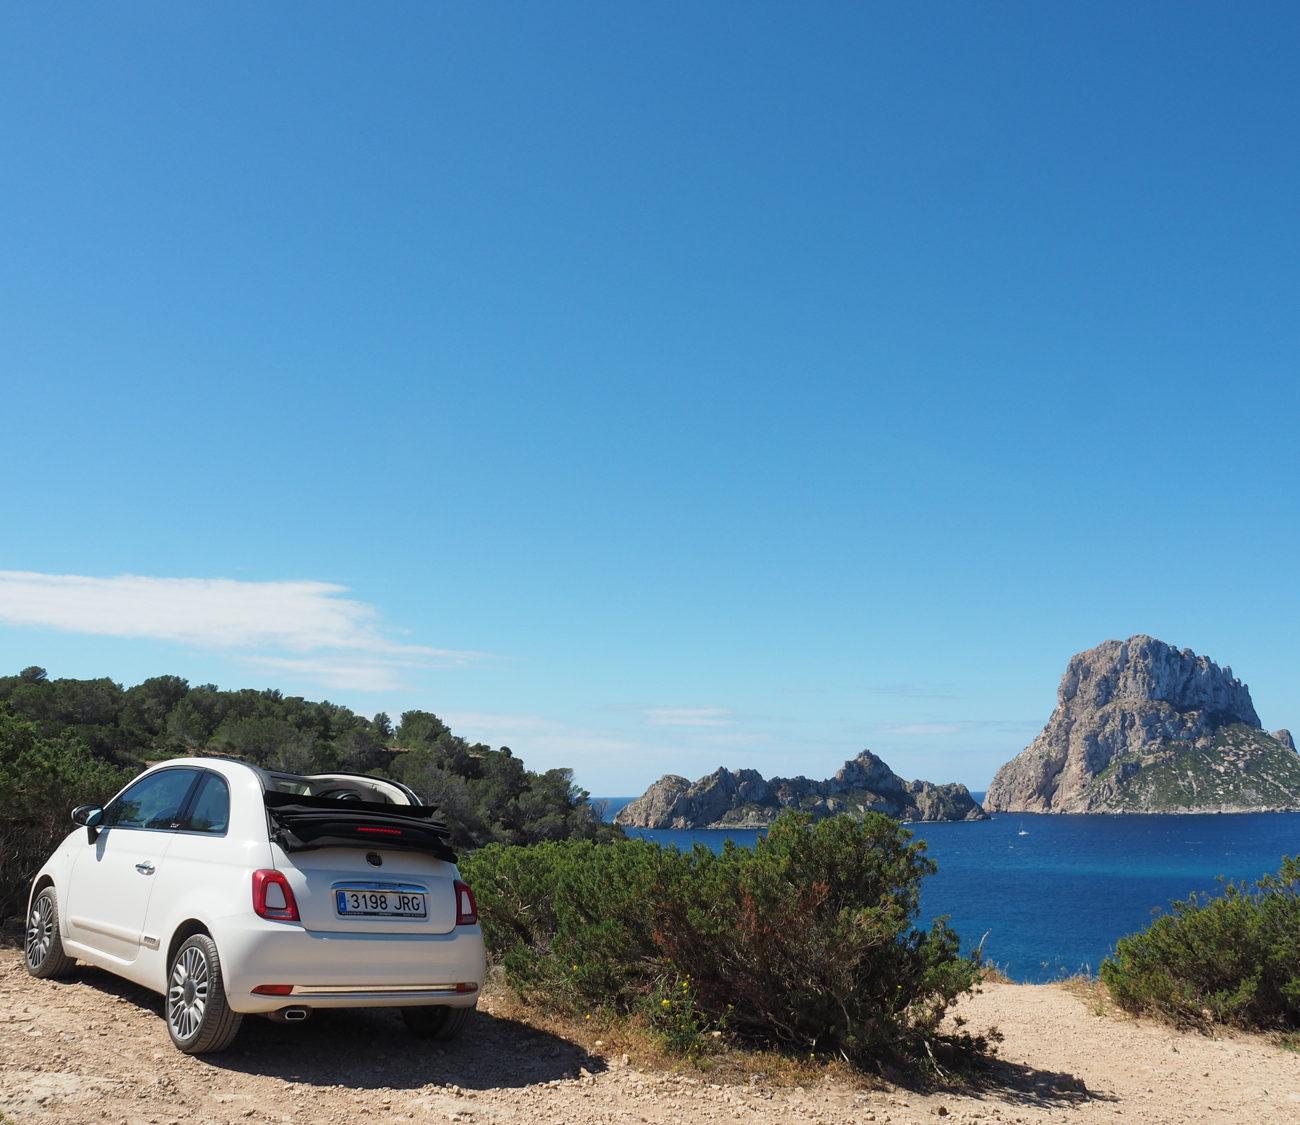 Witte huur auto geparkeerd bij struiken met zee met grote eilanden op de achtergrond